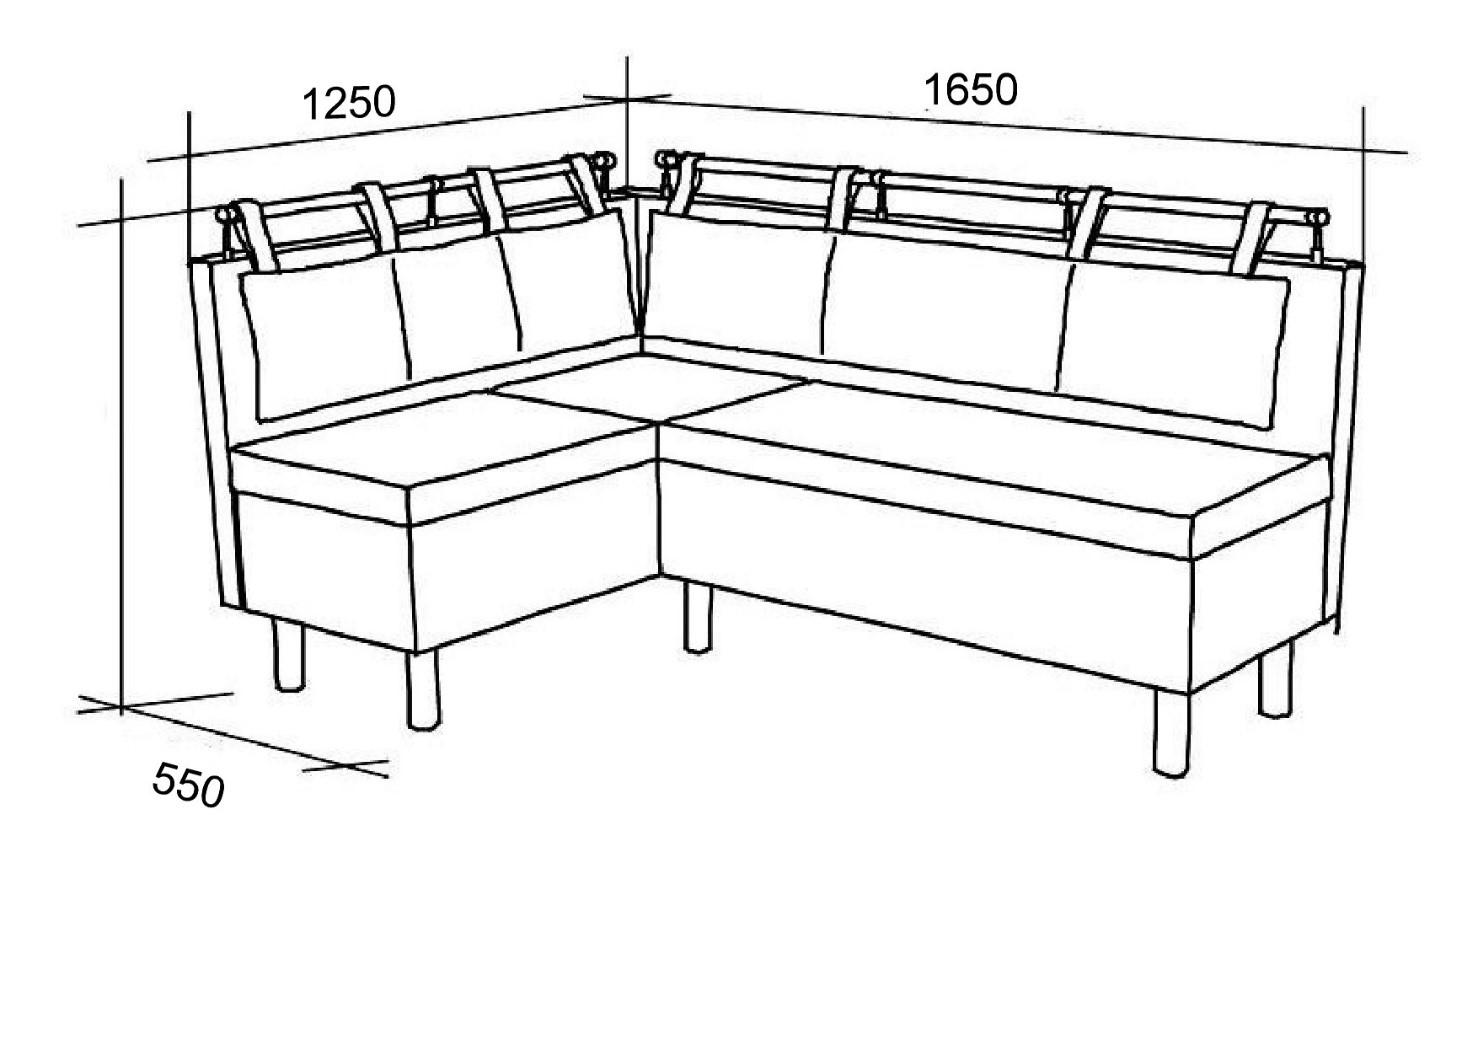 Сколько места займёт угловой комплект в кухне хрущёвской пятиэтажки